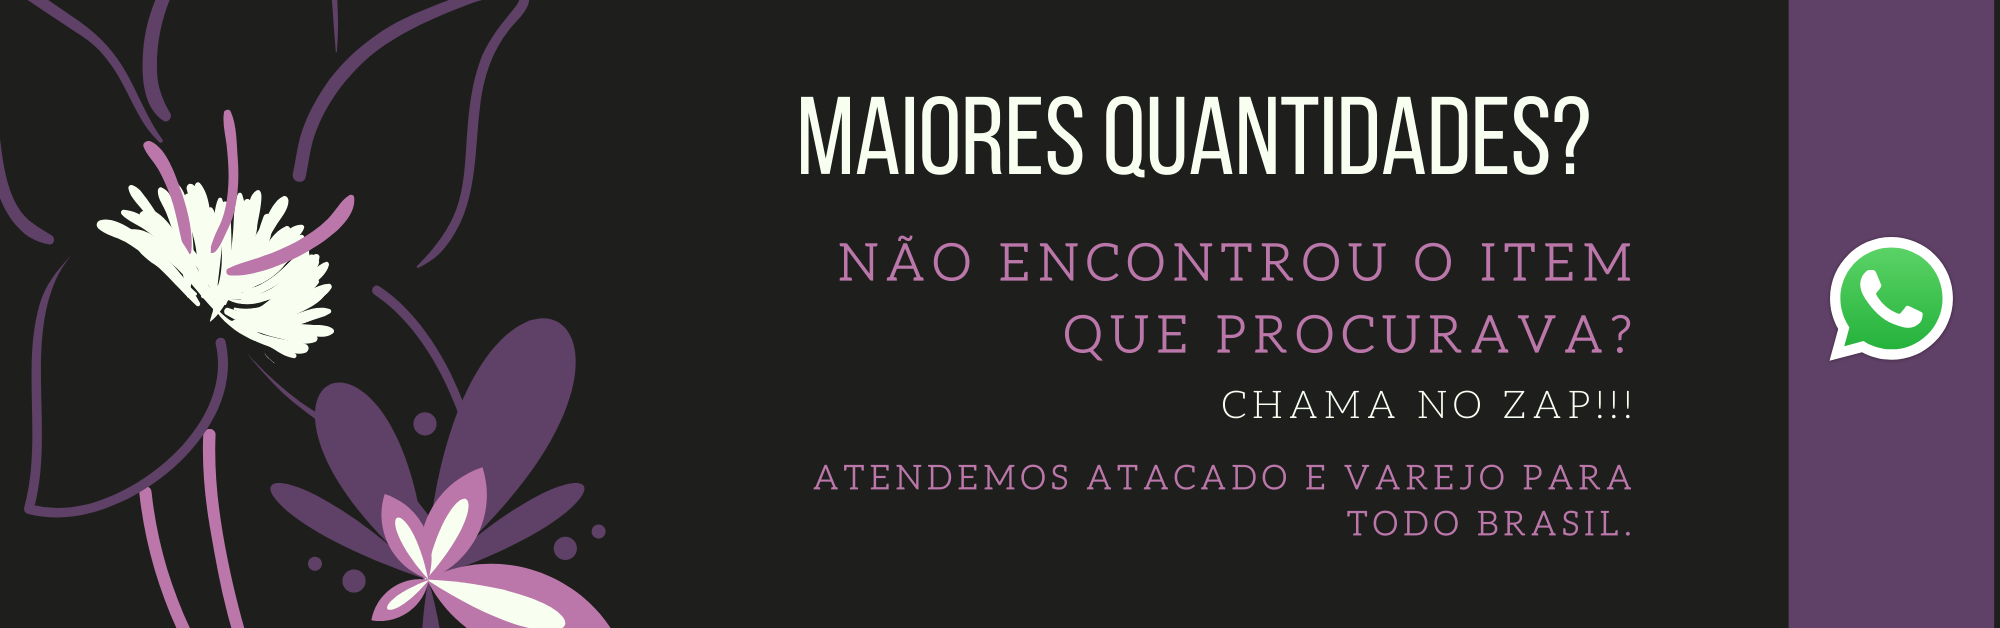 ROXO MAIORES QUANTIDADES